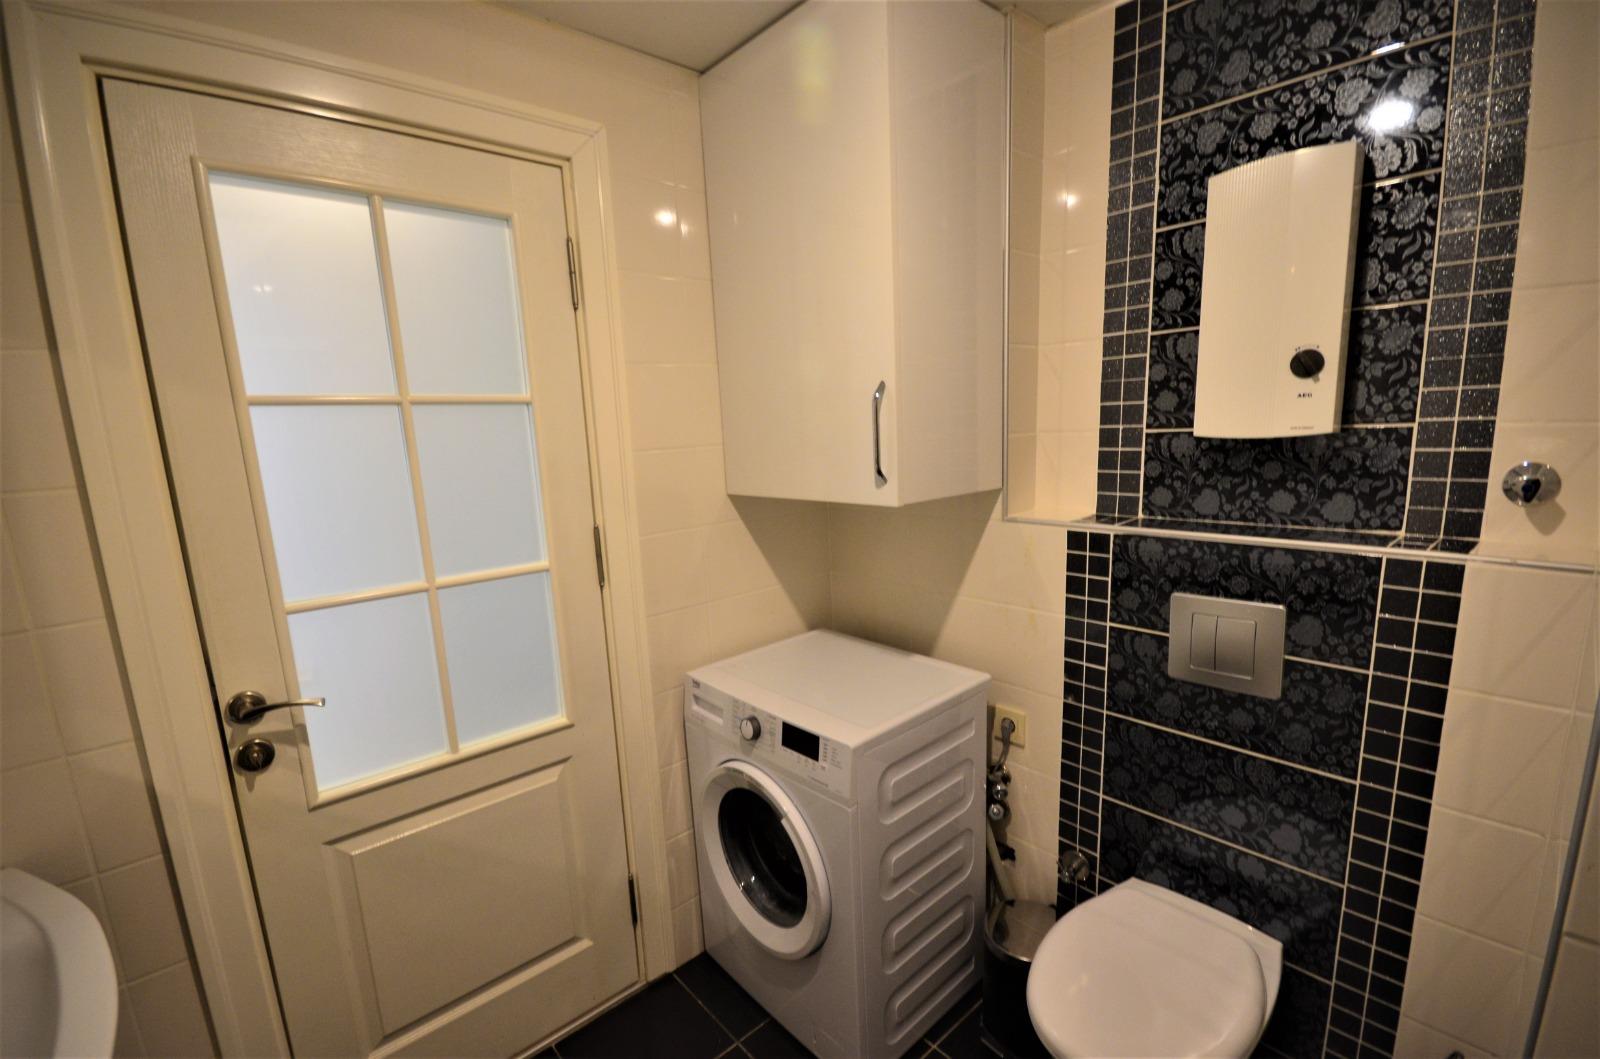 Двухкомнатная квартира с мебелью и бытовой техникой в районе Тосмур - Фото 14